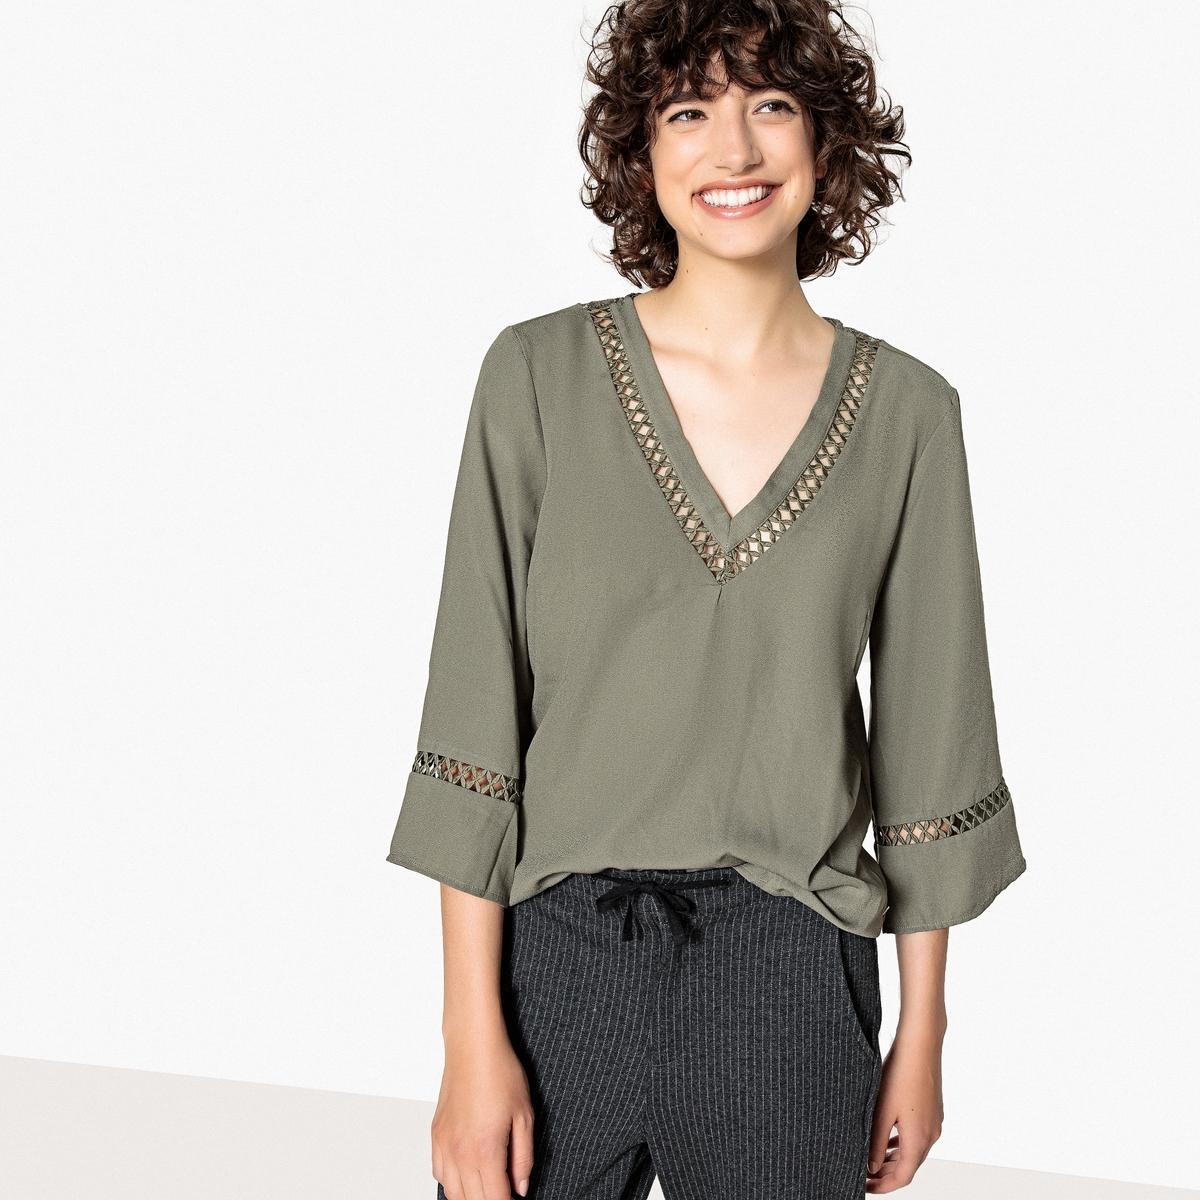 Блузка с v-образным вырезом из кружева, длинные рукава блузка с квадратным вырезом со вставкой из кружева